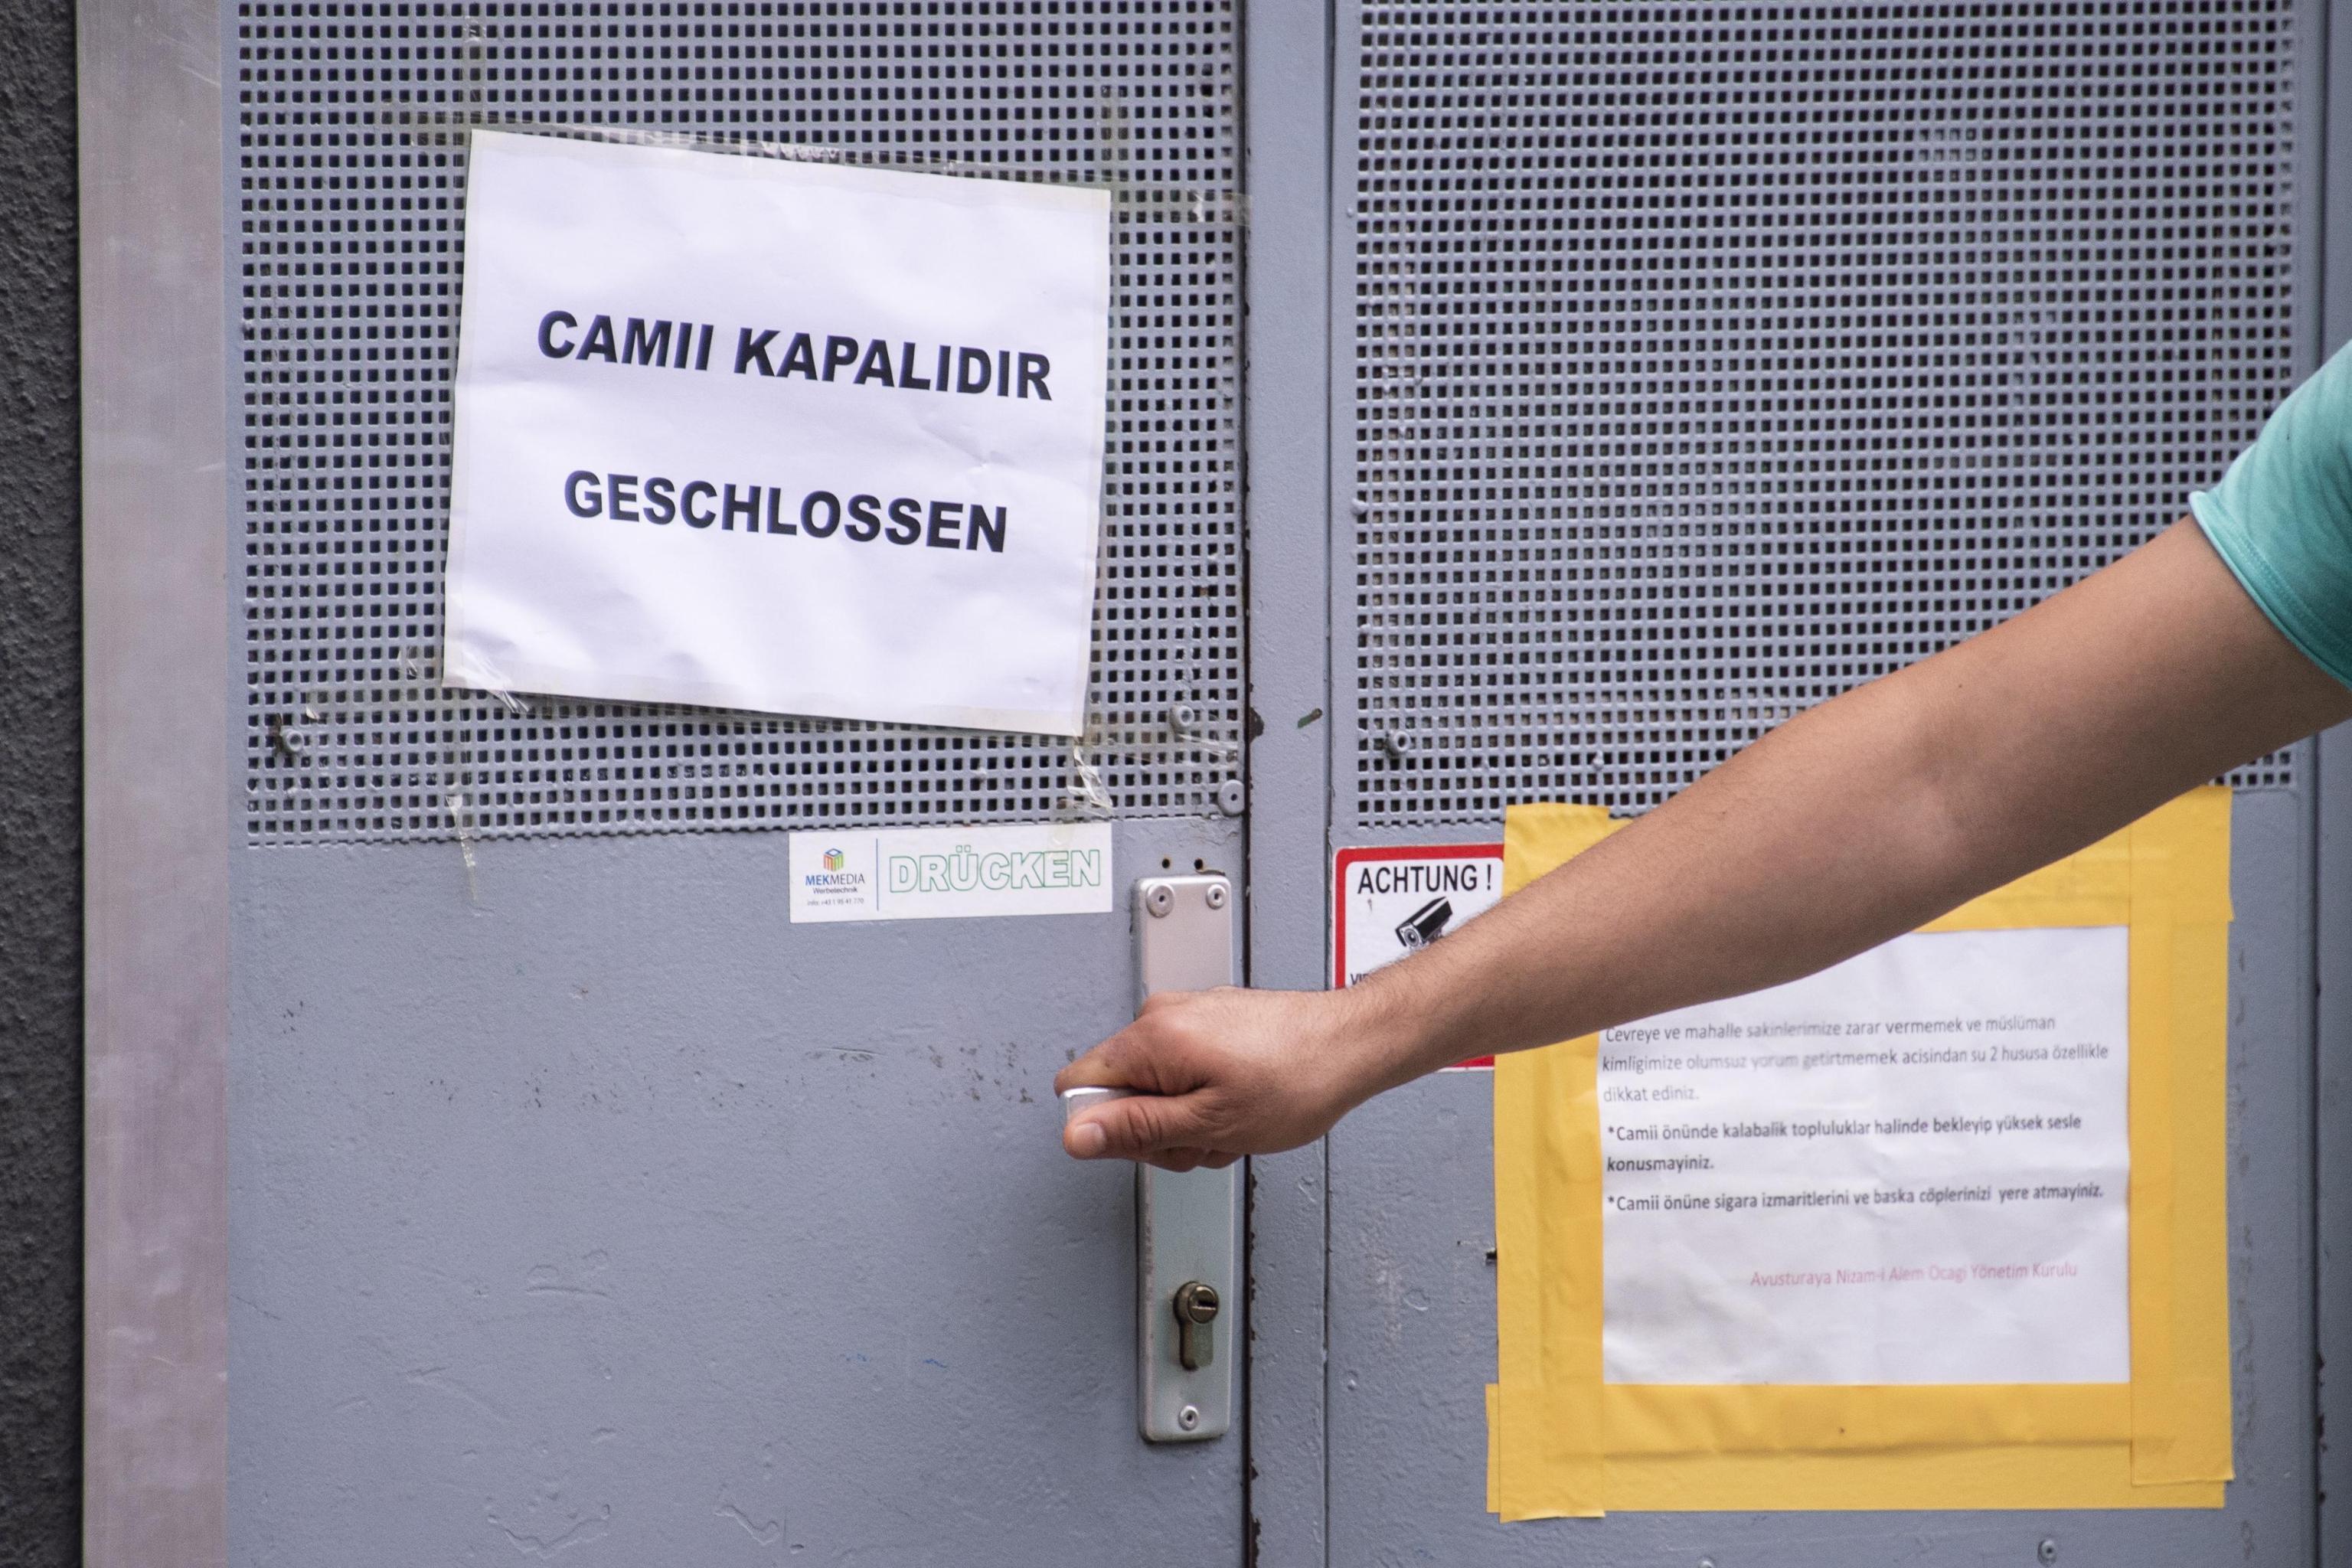 Violano la legge: l'Austria chiude sette moschee ed espelle alcuni imam